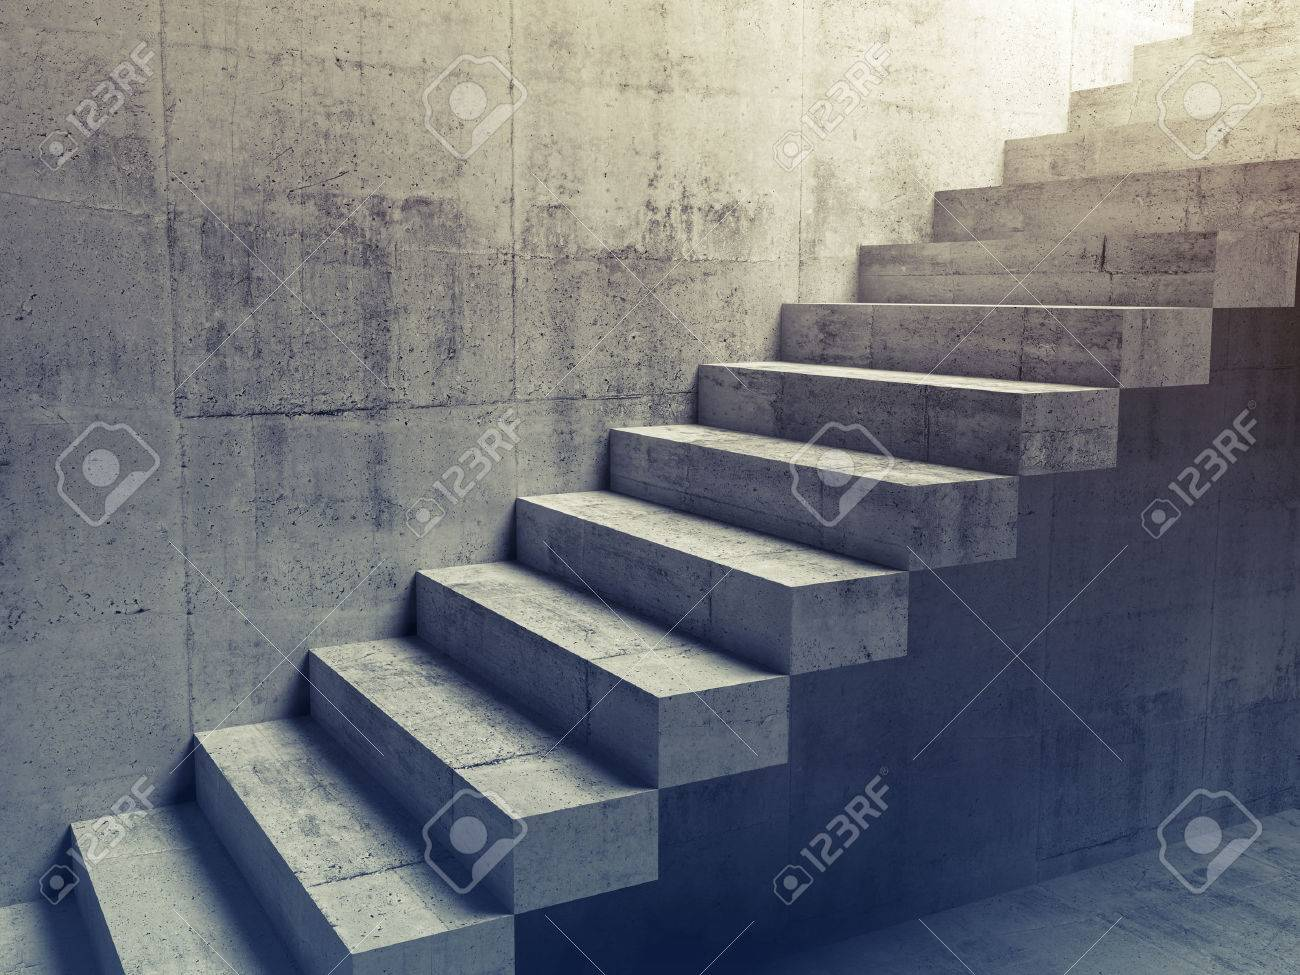 Banque Du0027images   Résumé Intérieur Du Béton, La Construction Des Escaliers  En Porte à Faux Sur Le Mur, Illustration 3d